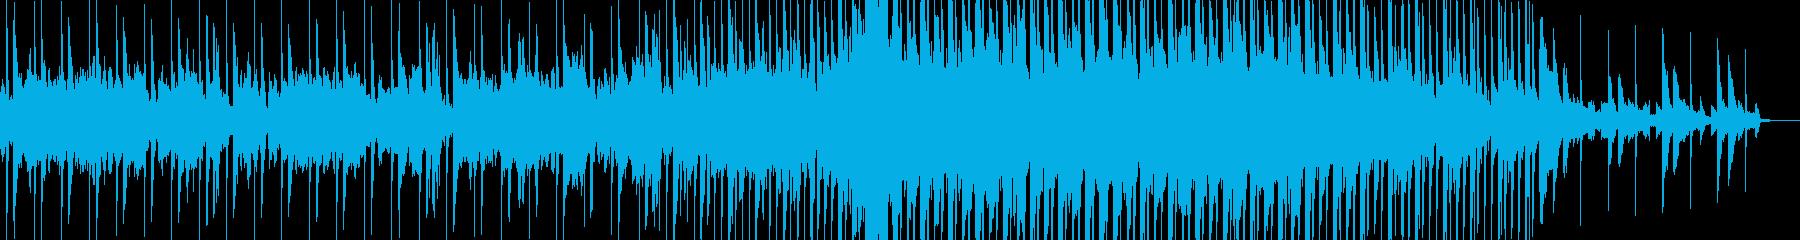 60秒ver ポップなかわいらしいテクノの再生済みの波形